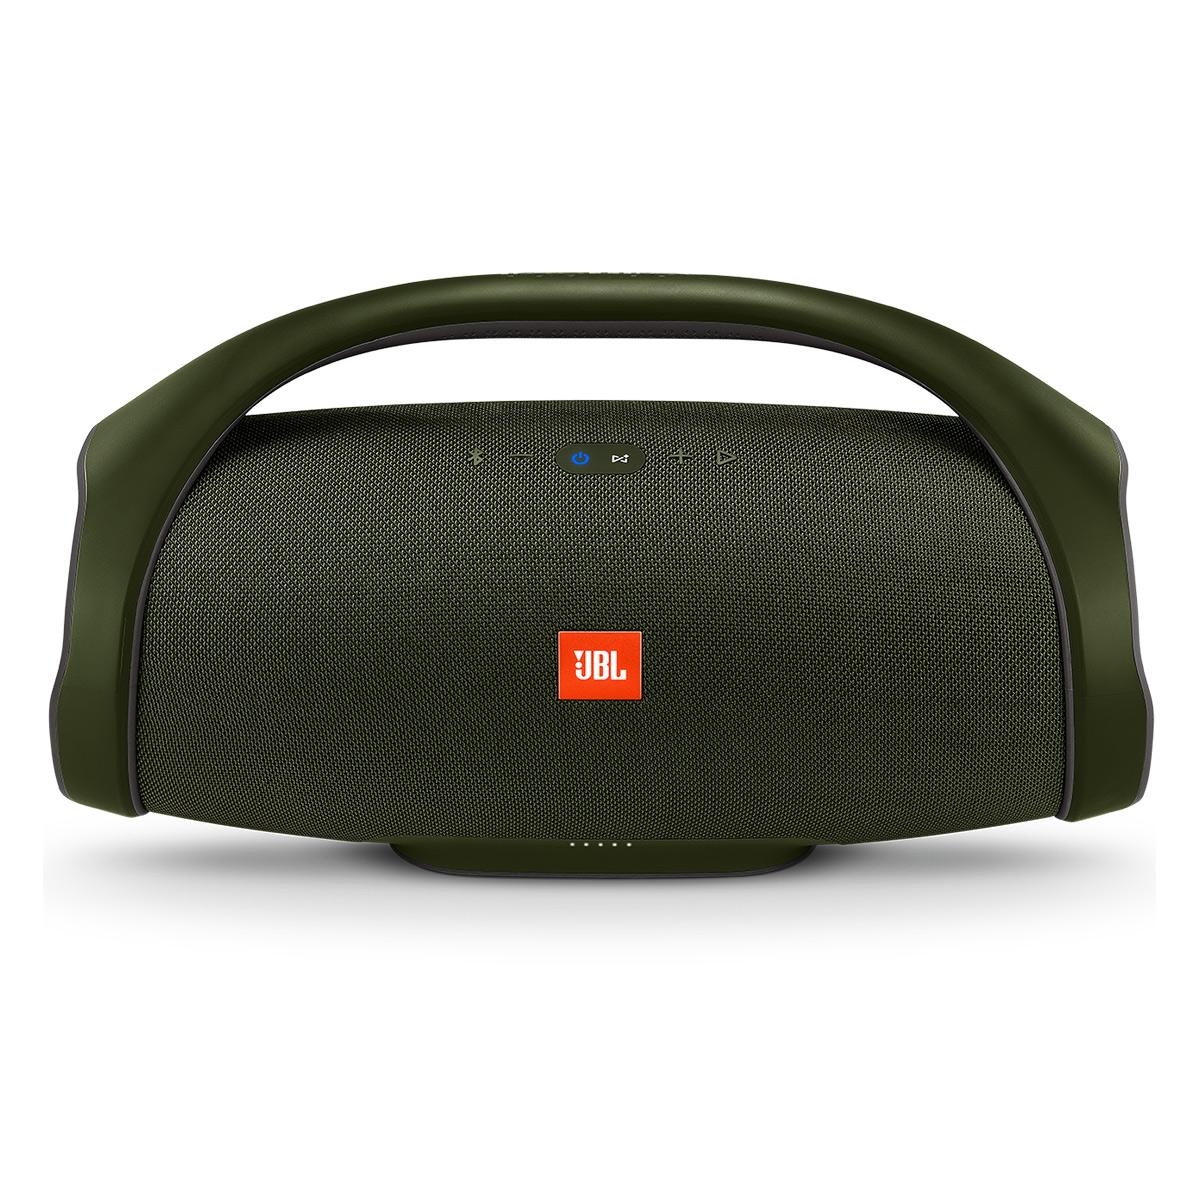 Loa Bluetooth JBL Boombox Green